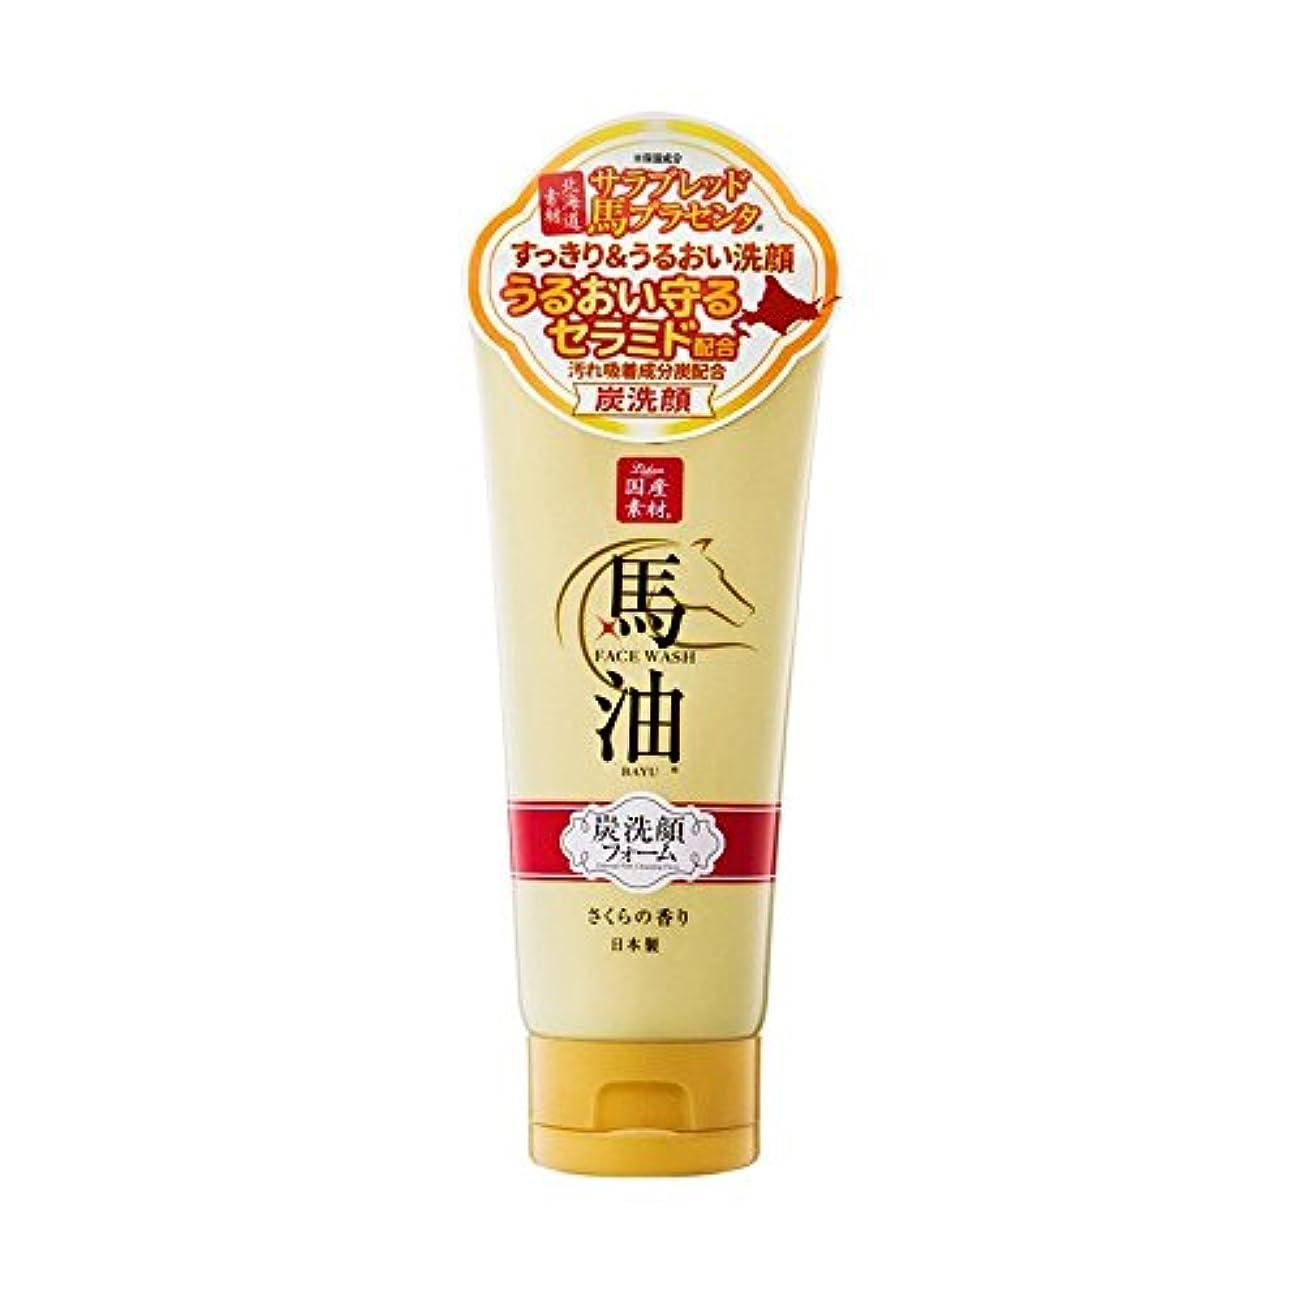 ルーフトピック下向きリシャン 馬油&炭洗顔フォーム(さくらの香り)(内容量130g)